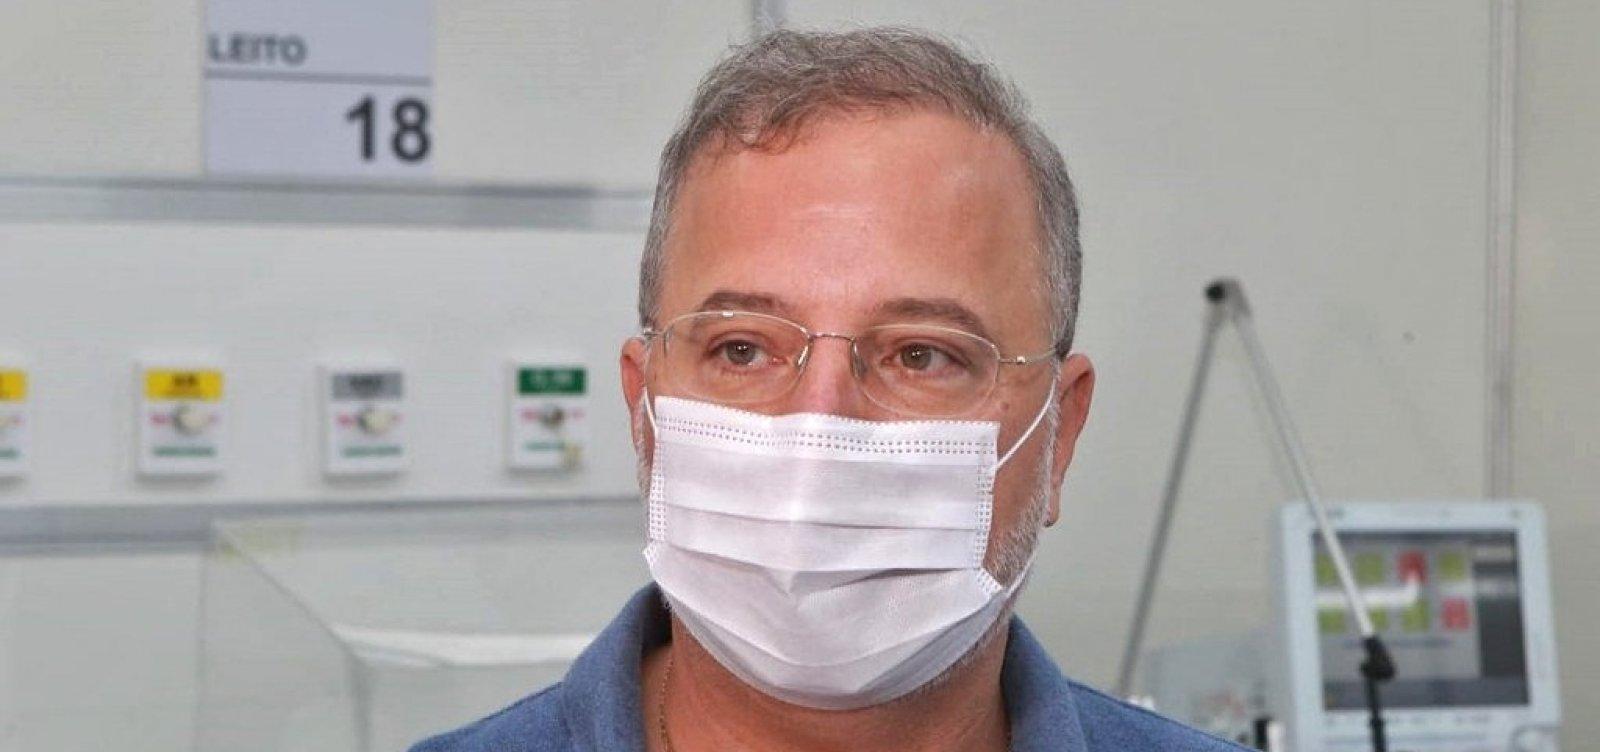 Bahia deve ter 200 novos leitos para Covid-19 nos próximos dias, diz secretário